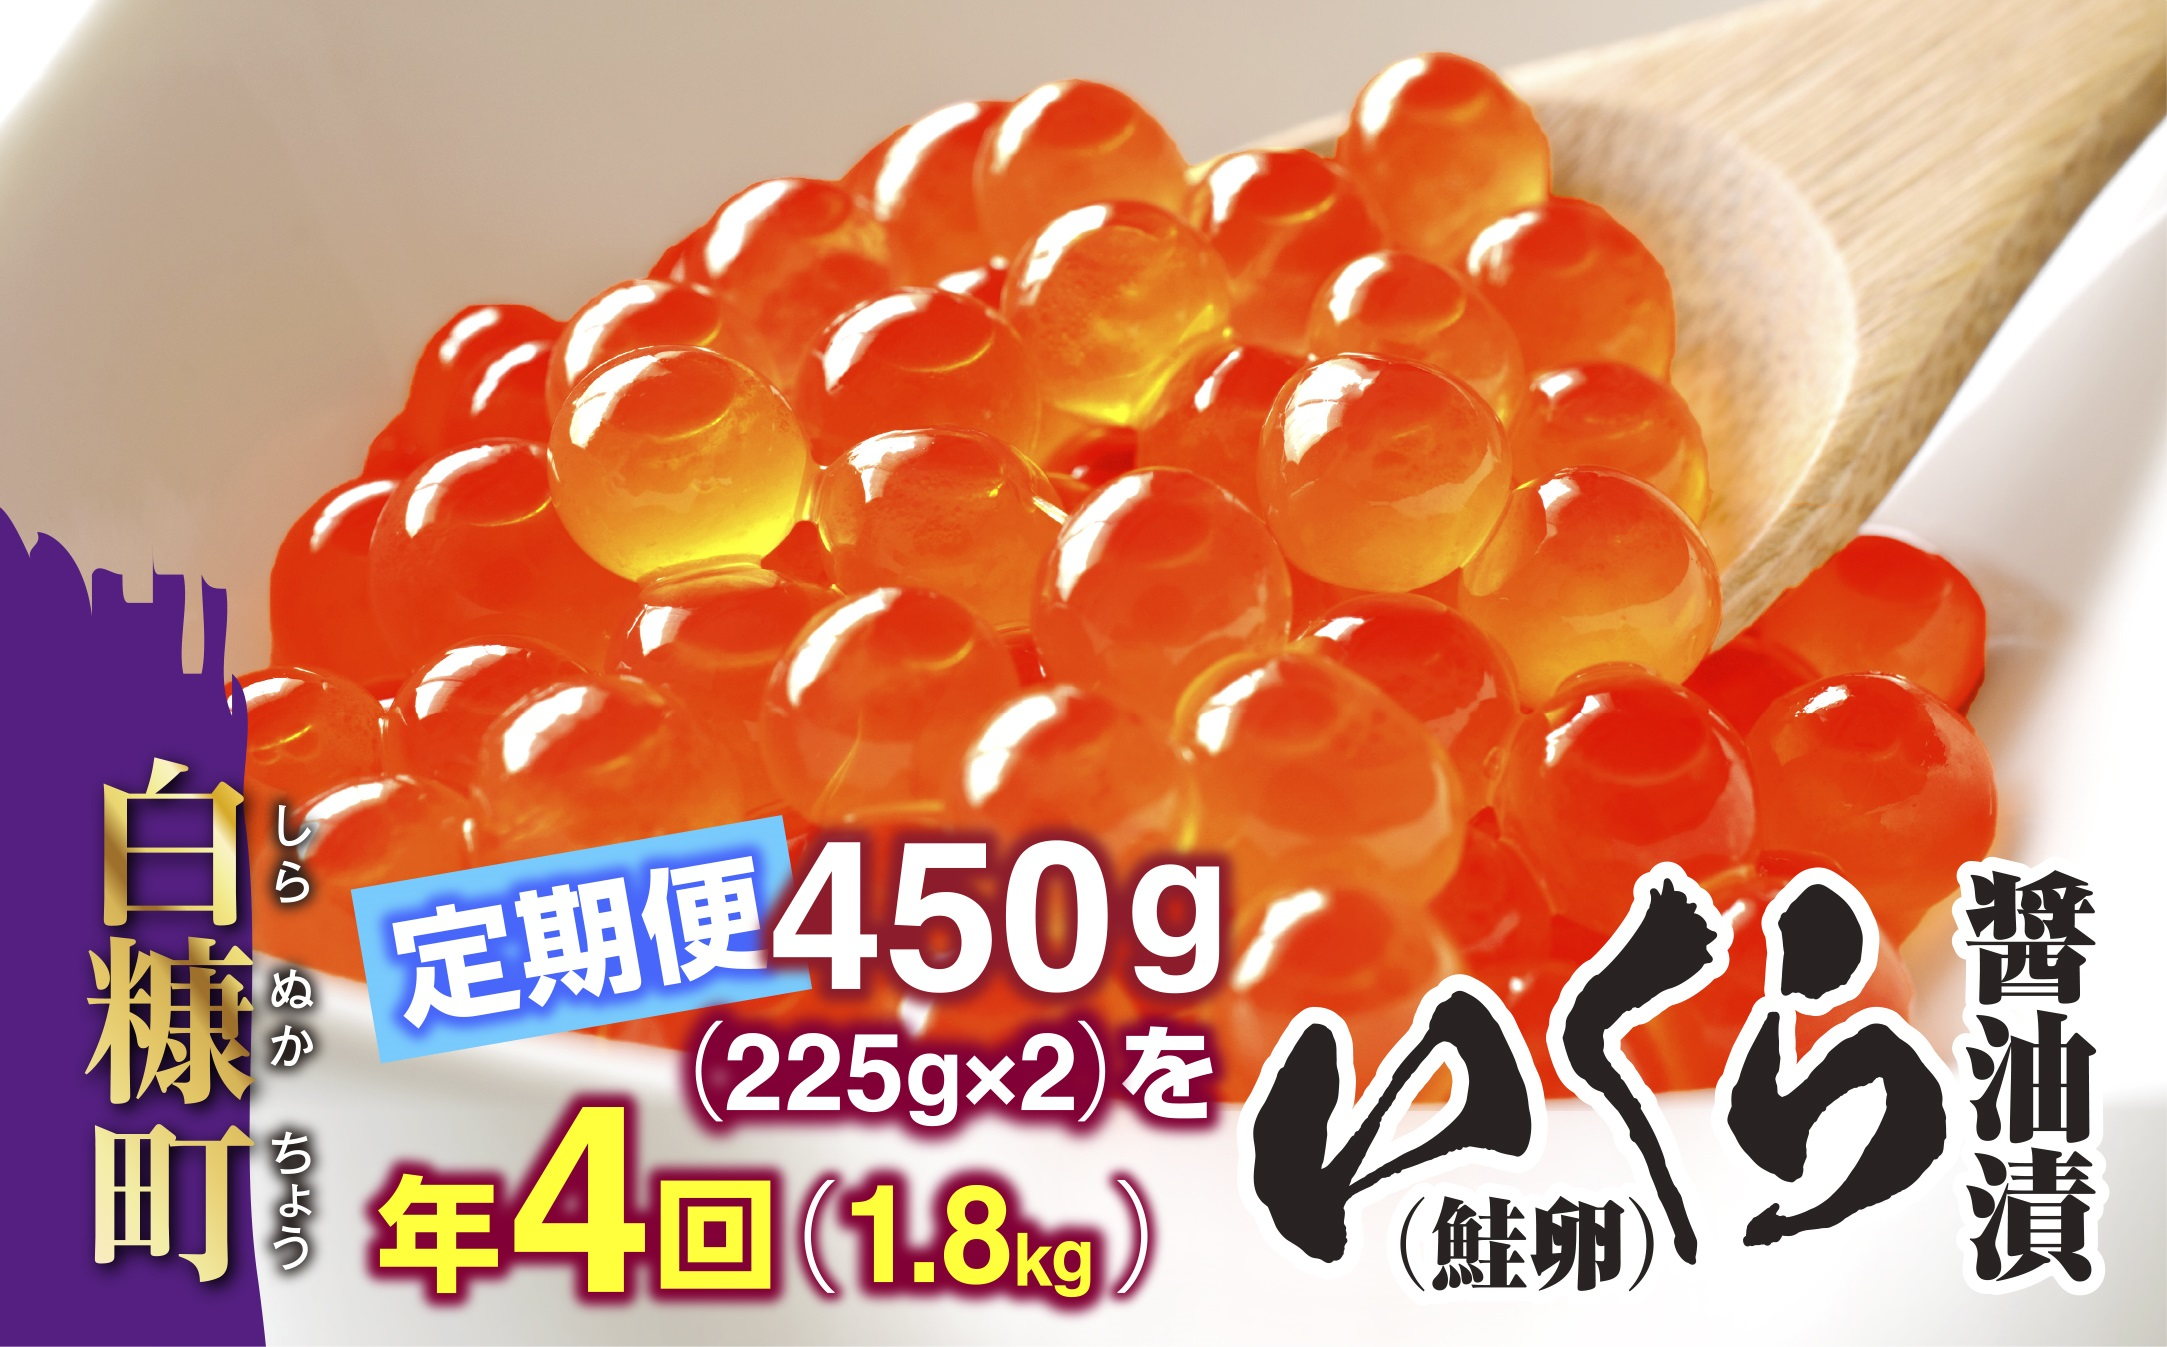 年4回!いくら醤油漬(鮭卵)定期便 【450g(225g×2)×4回(1月・4月・7月・10月)】